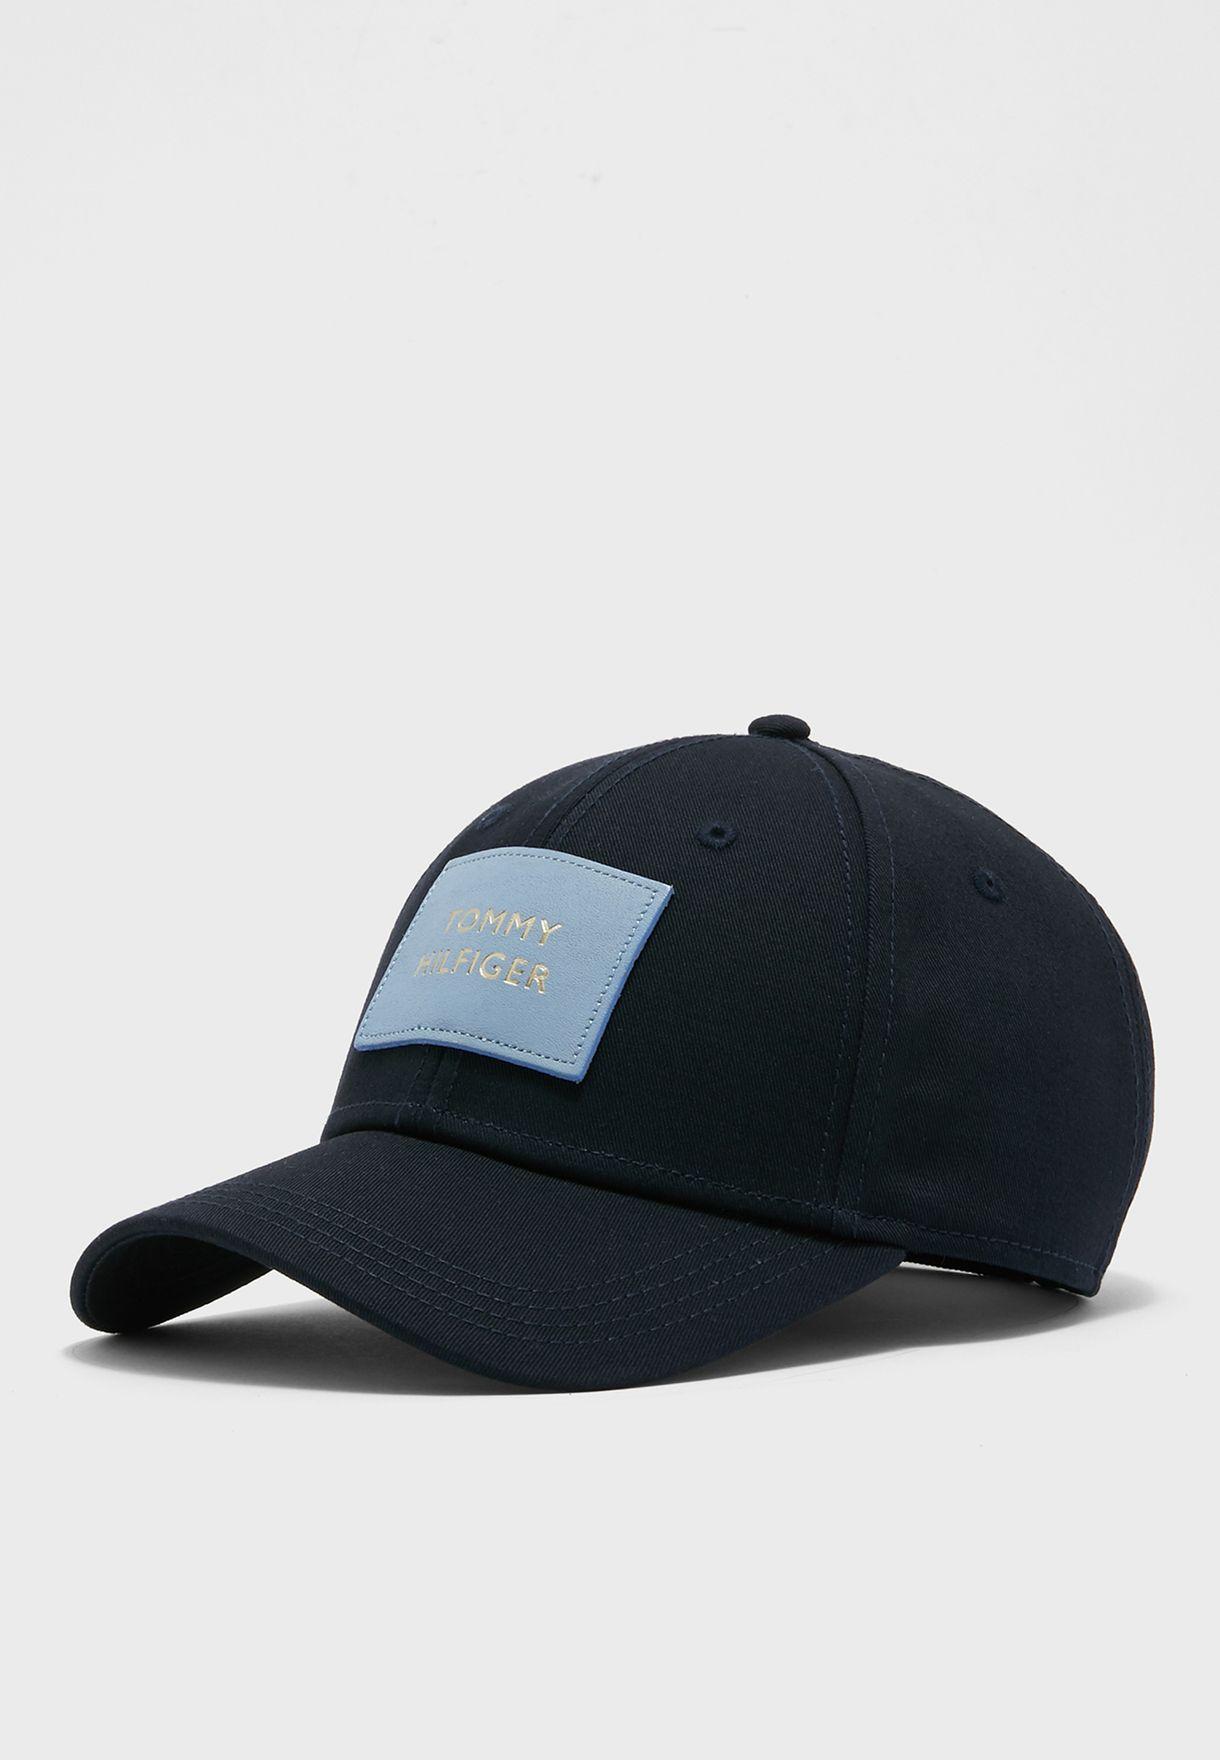 76205614b Patch Curved Cap